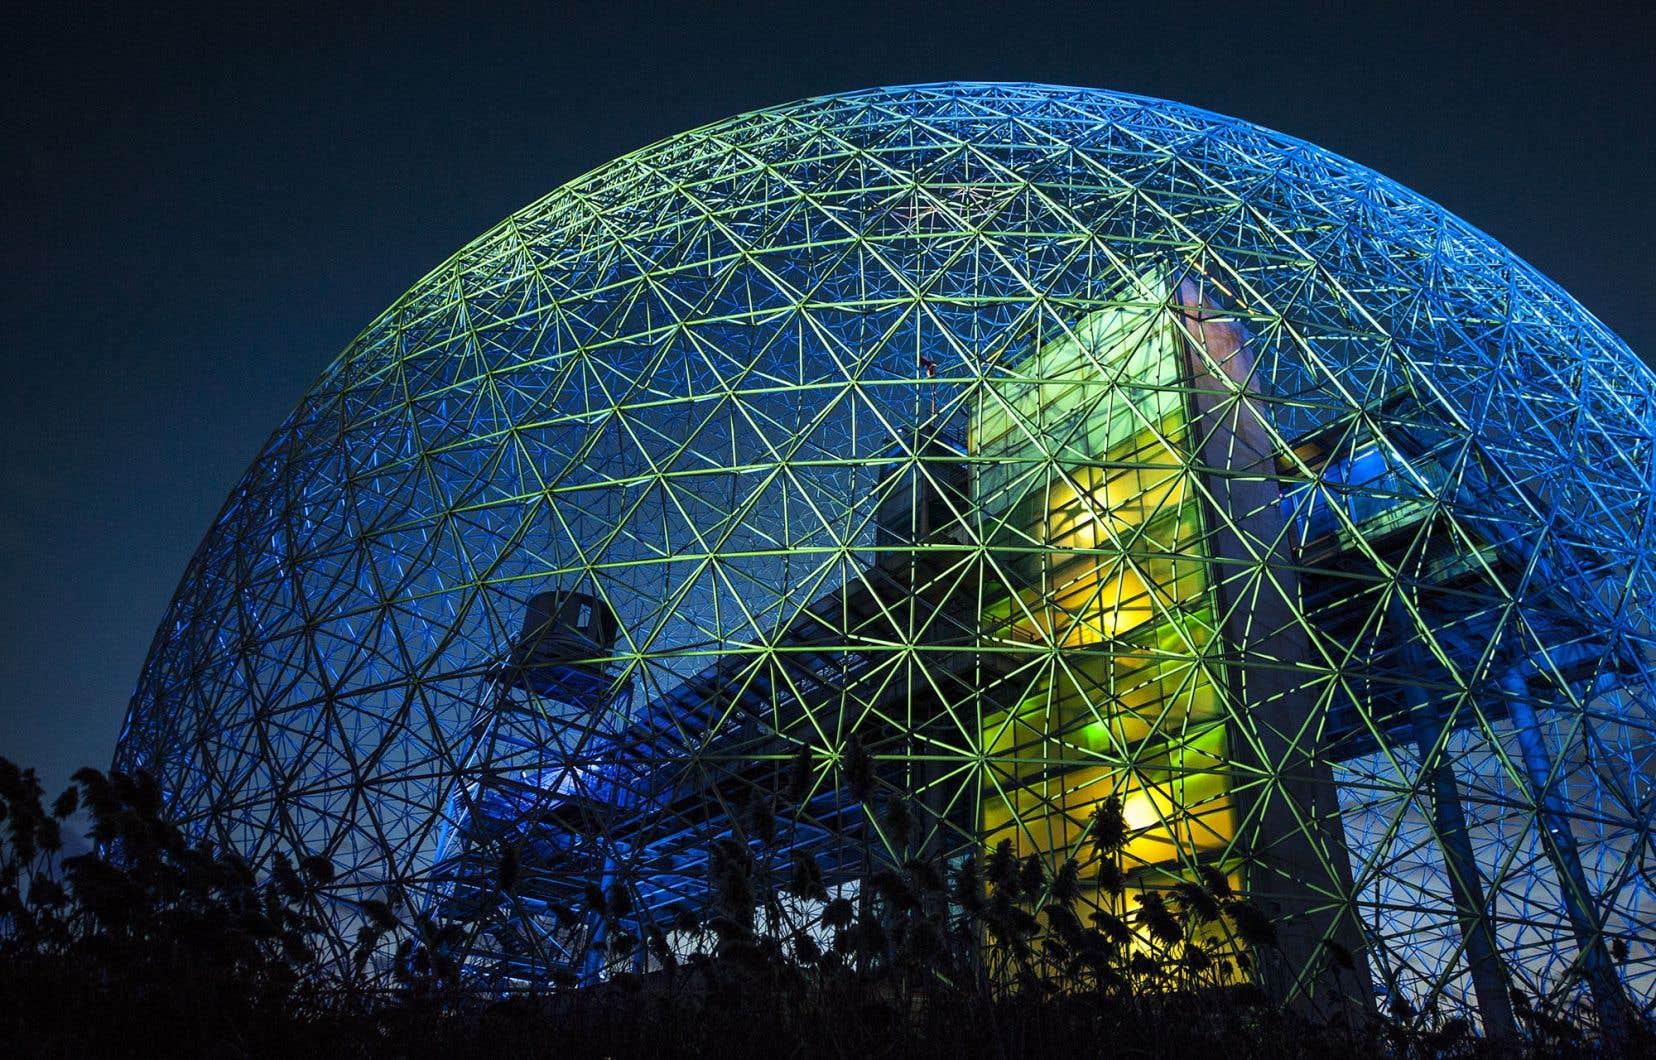 La Biosphère, à Montréal, utilise un système à boucle ouverte depuis 1995. L'eau pompée, dont la température varie de 9 à 13 degrés Celsius, est puisée à environ 90 mètres sous terre.